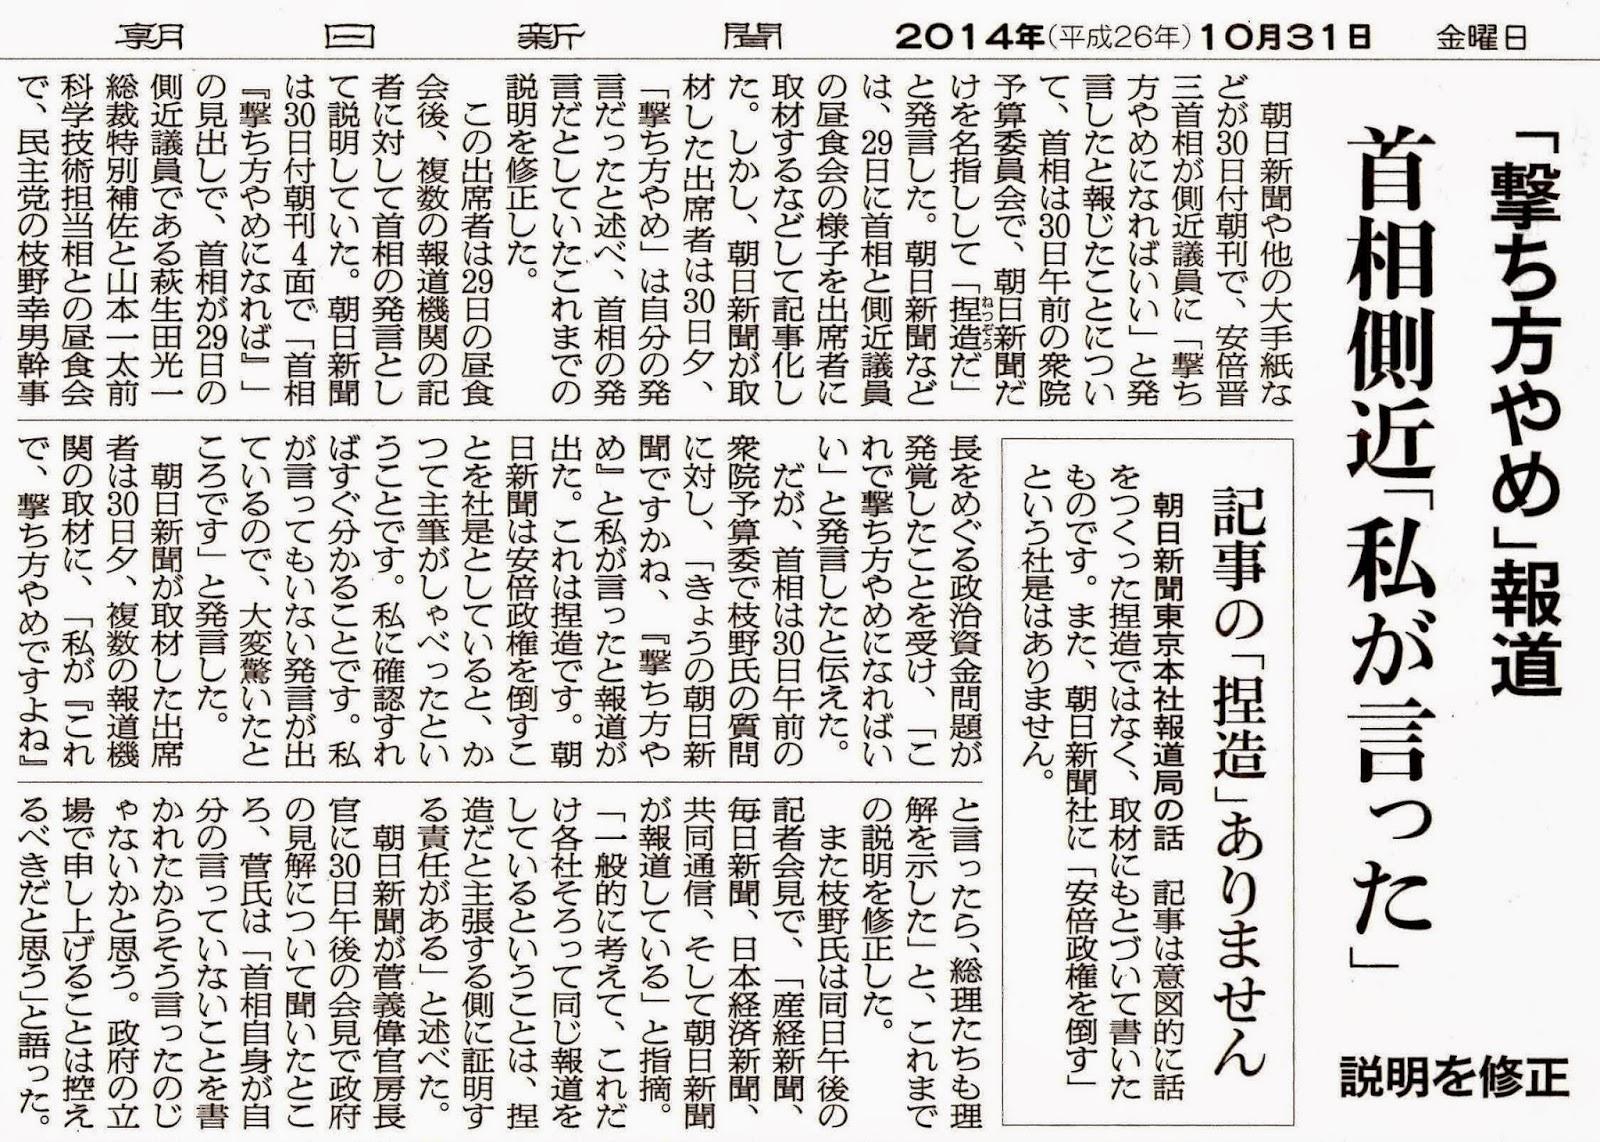 新聞 社説 朝日